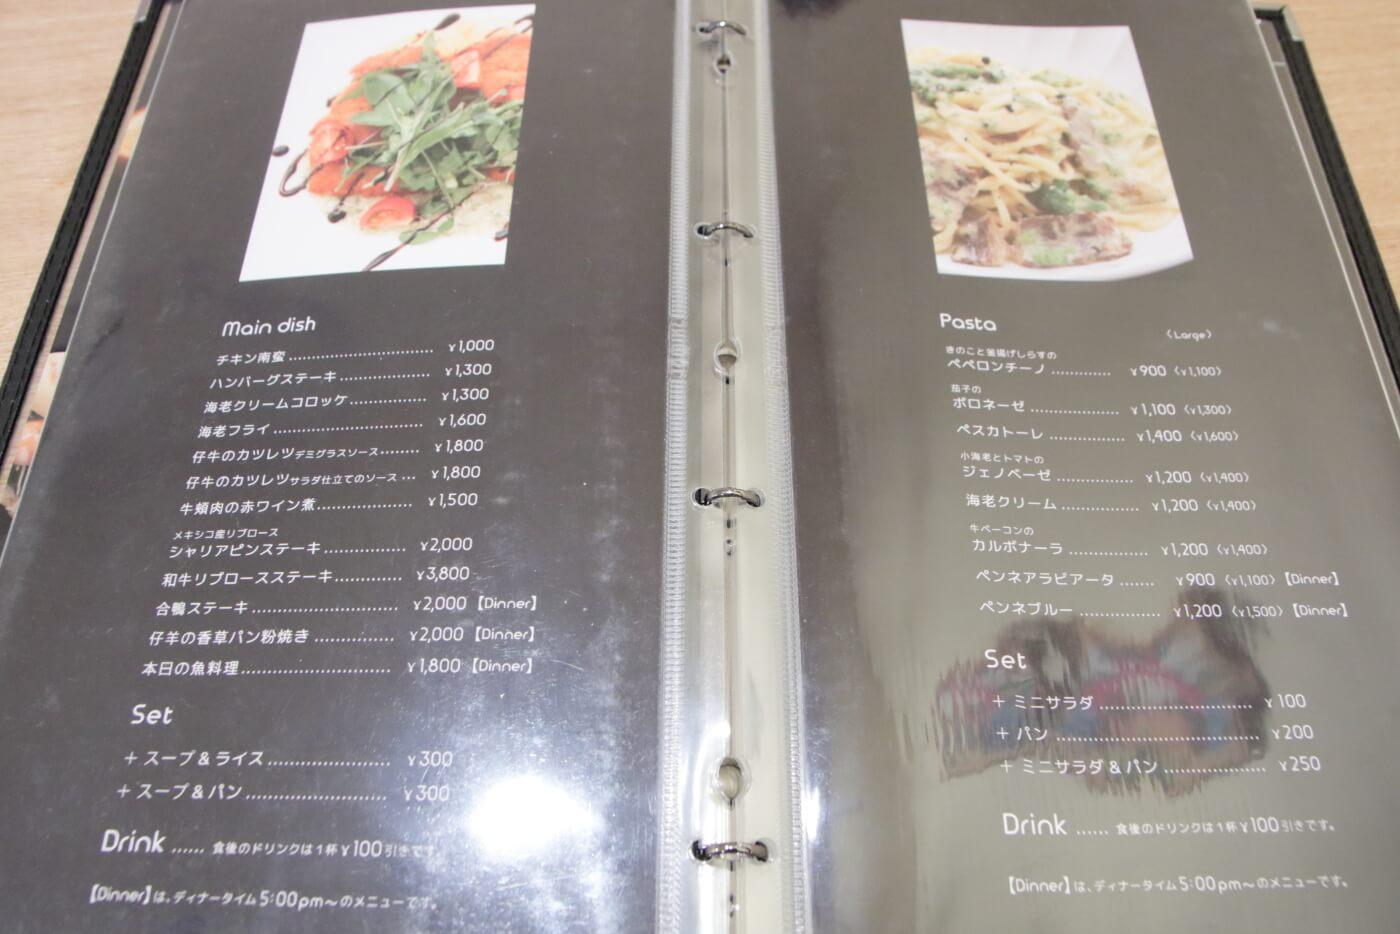 高知・南国市のレストランnoiのメニュー